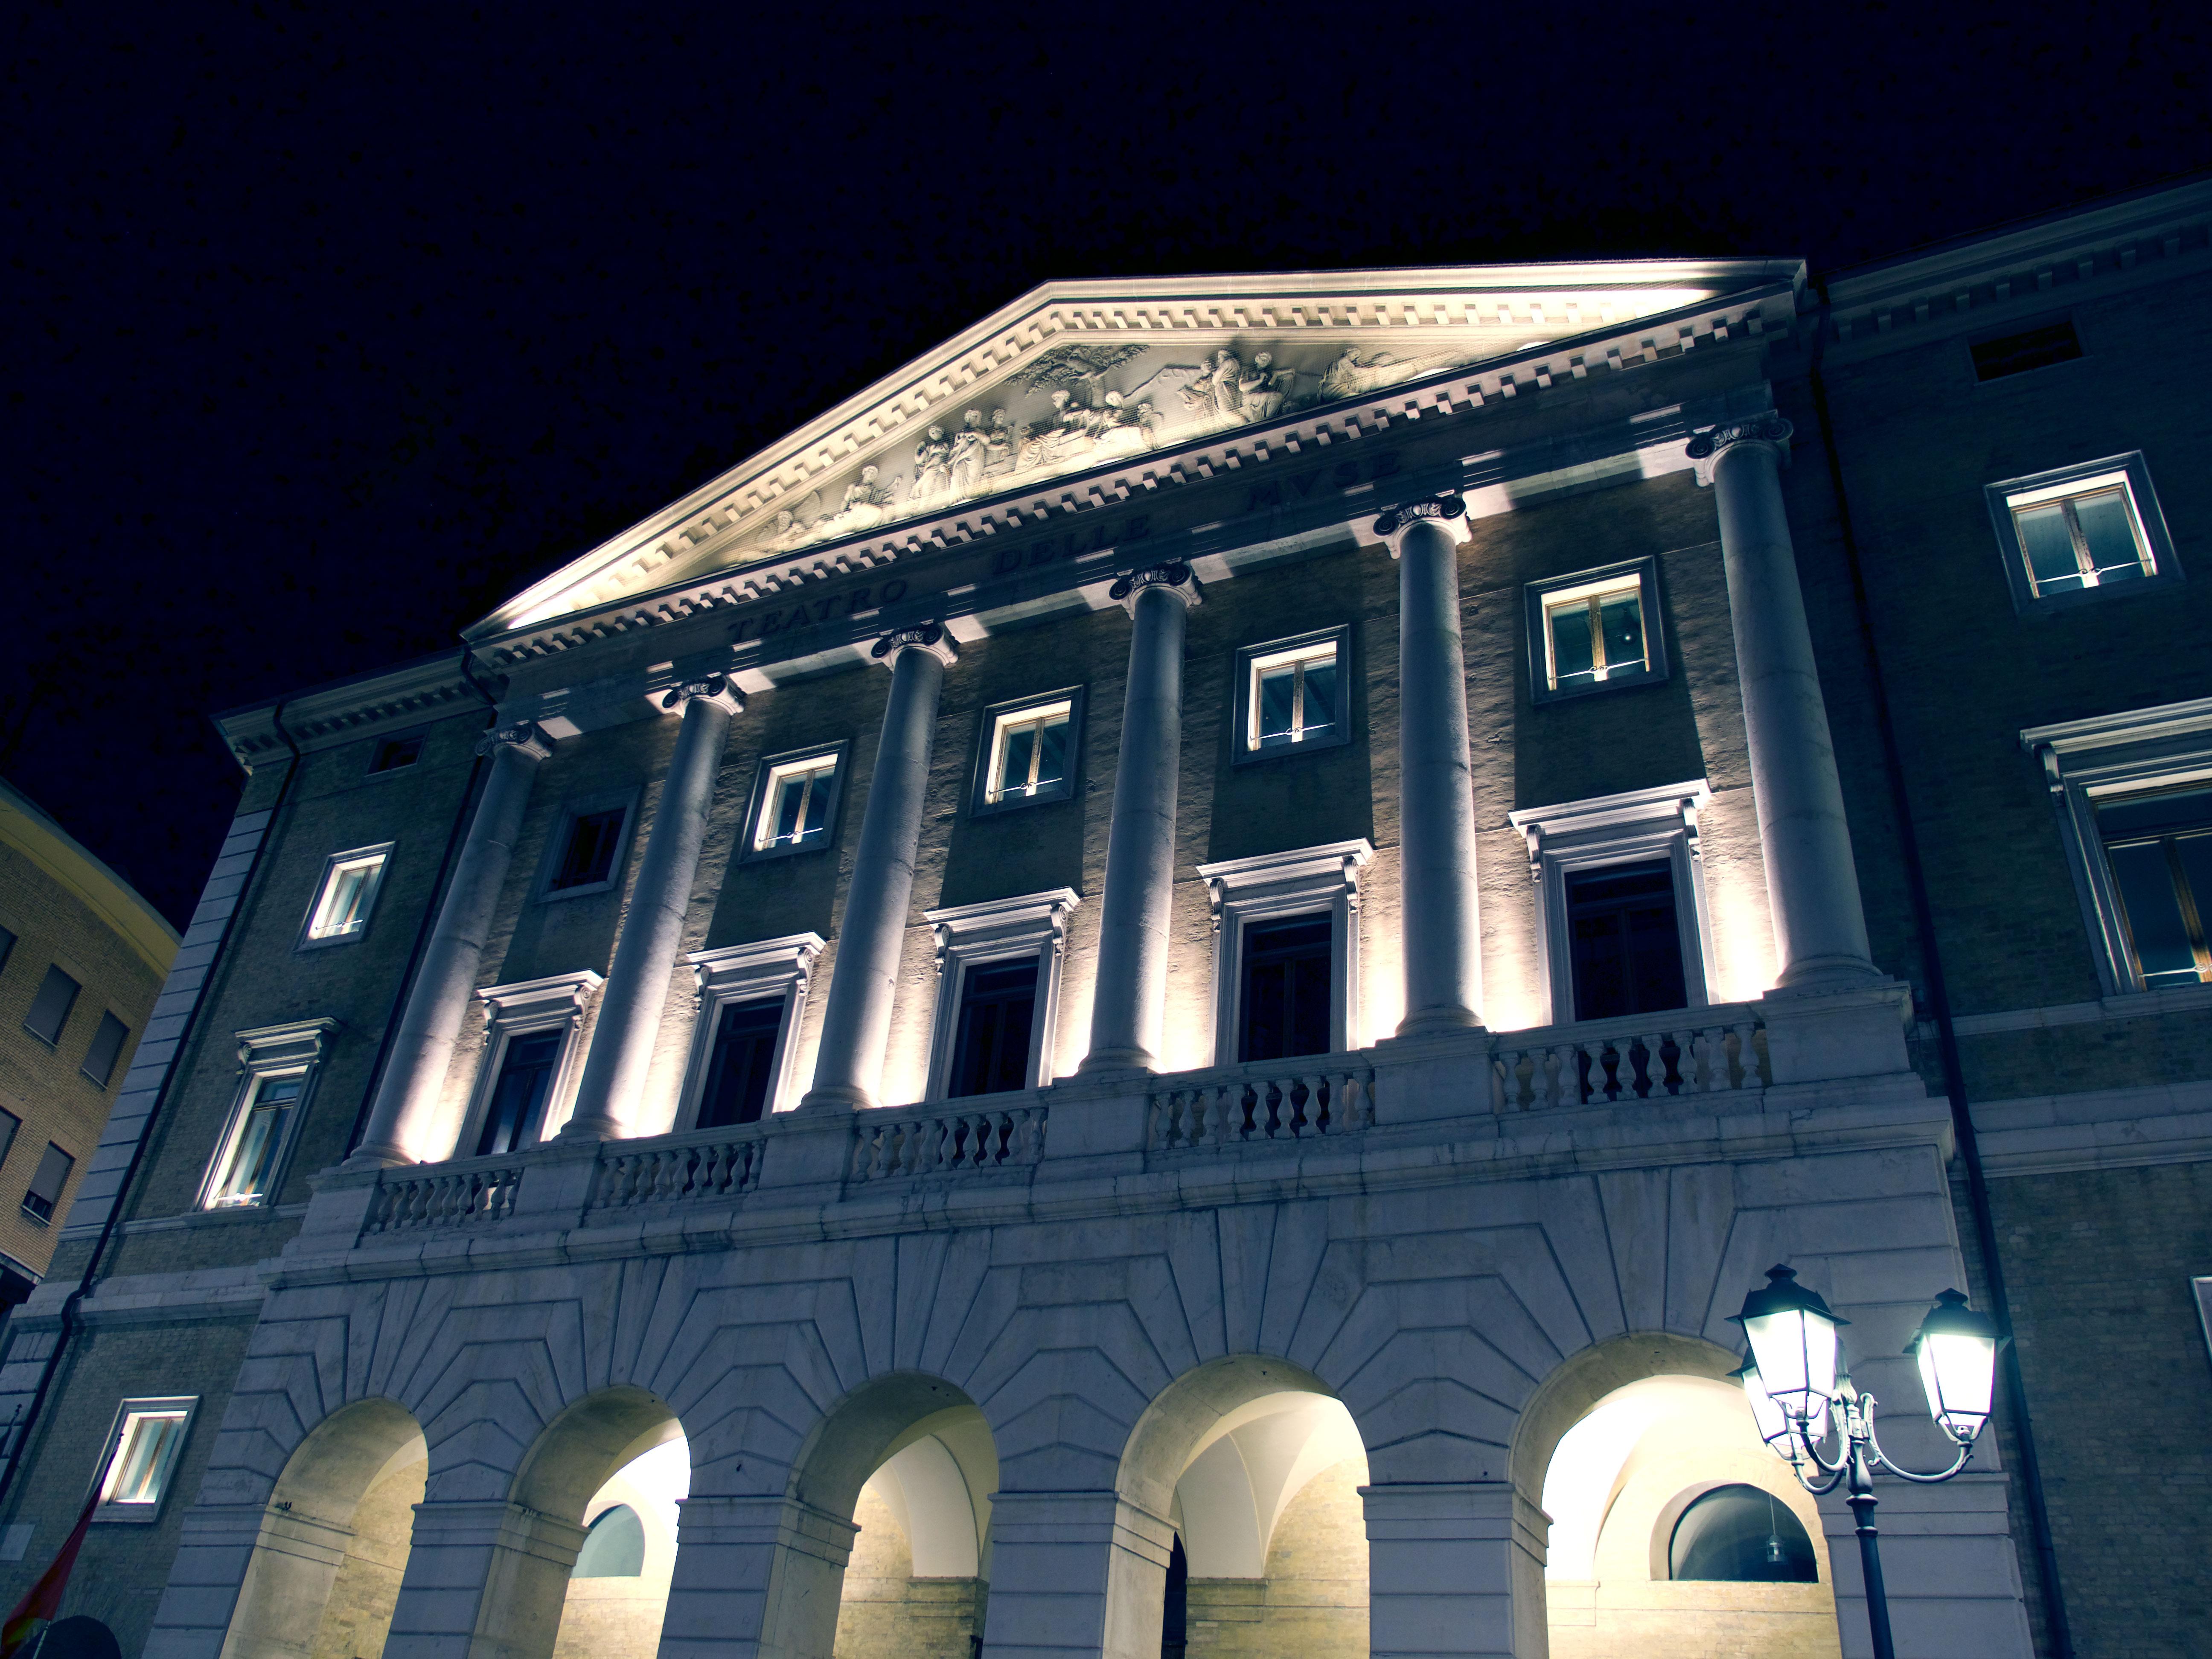 Teatro_delle_muse_facciata_foto_alessandro_cecchi